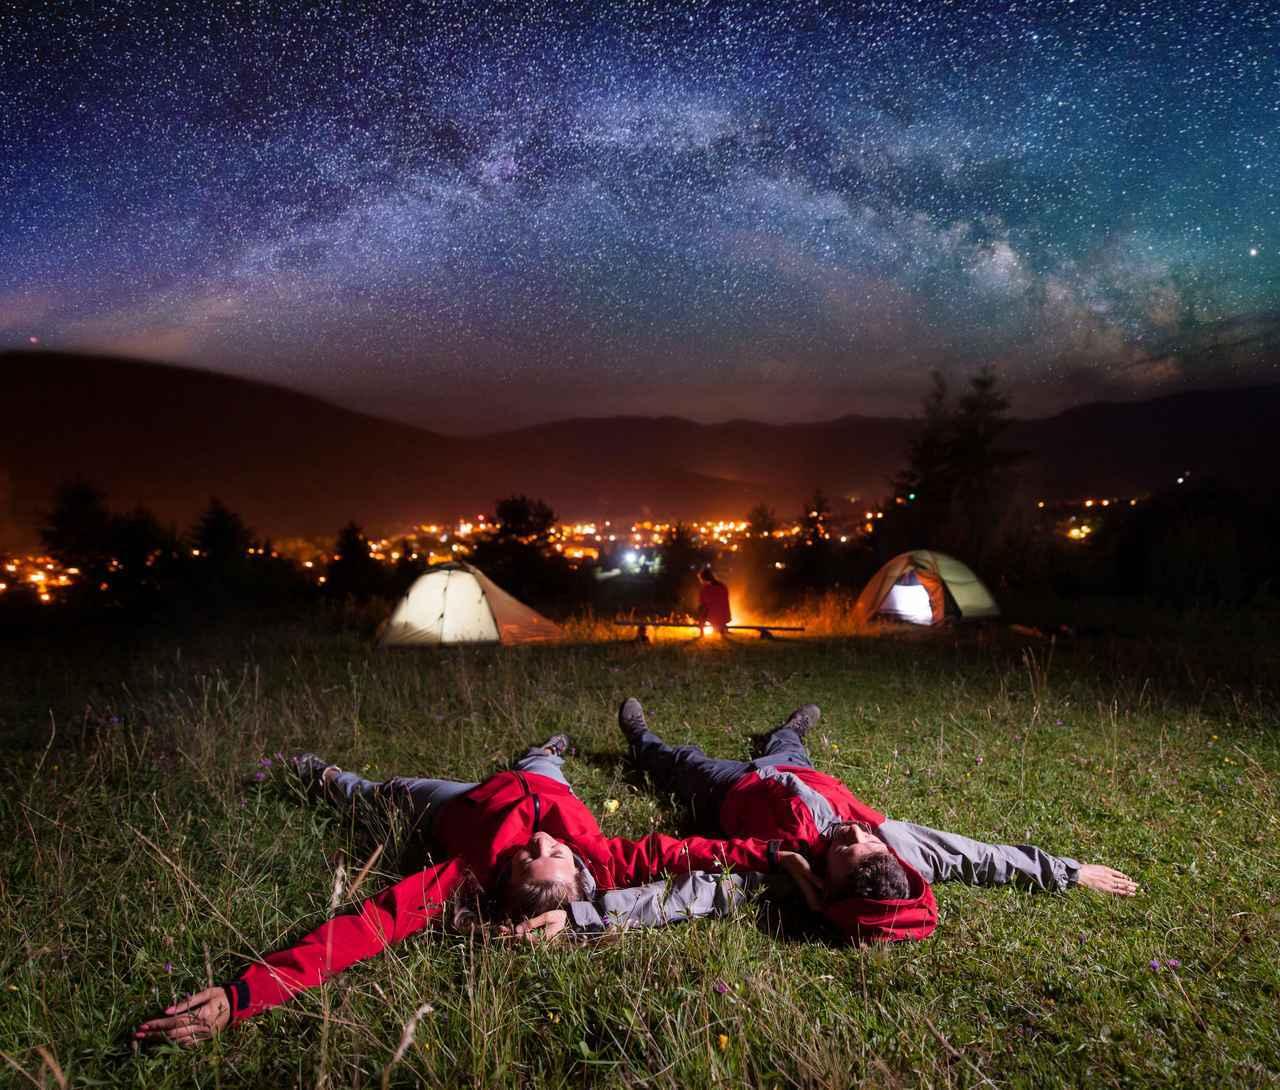 画像: 関西で天体観測できるおすすめキャンプ場&宿泊スポット3選! 星空を楽しもう - ハピキャン(HAPPY CAMPER)